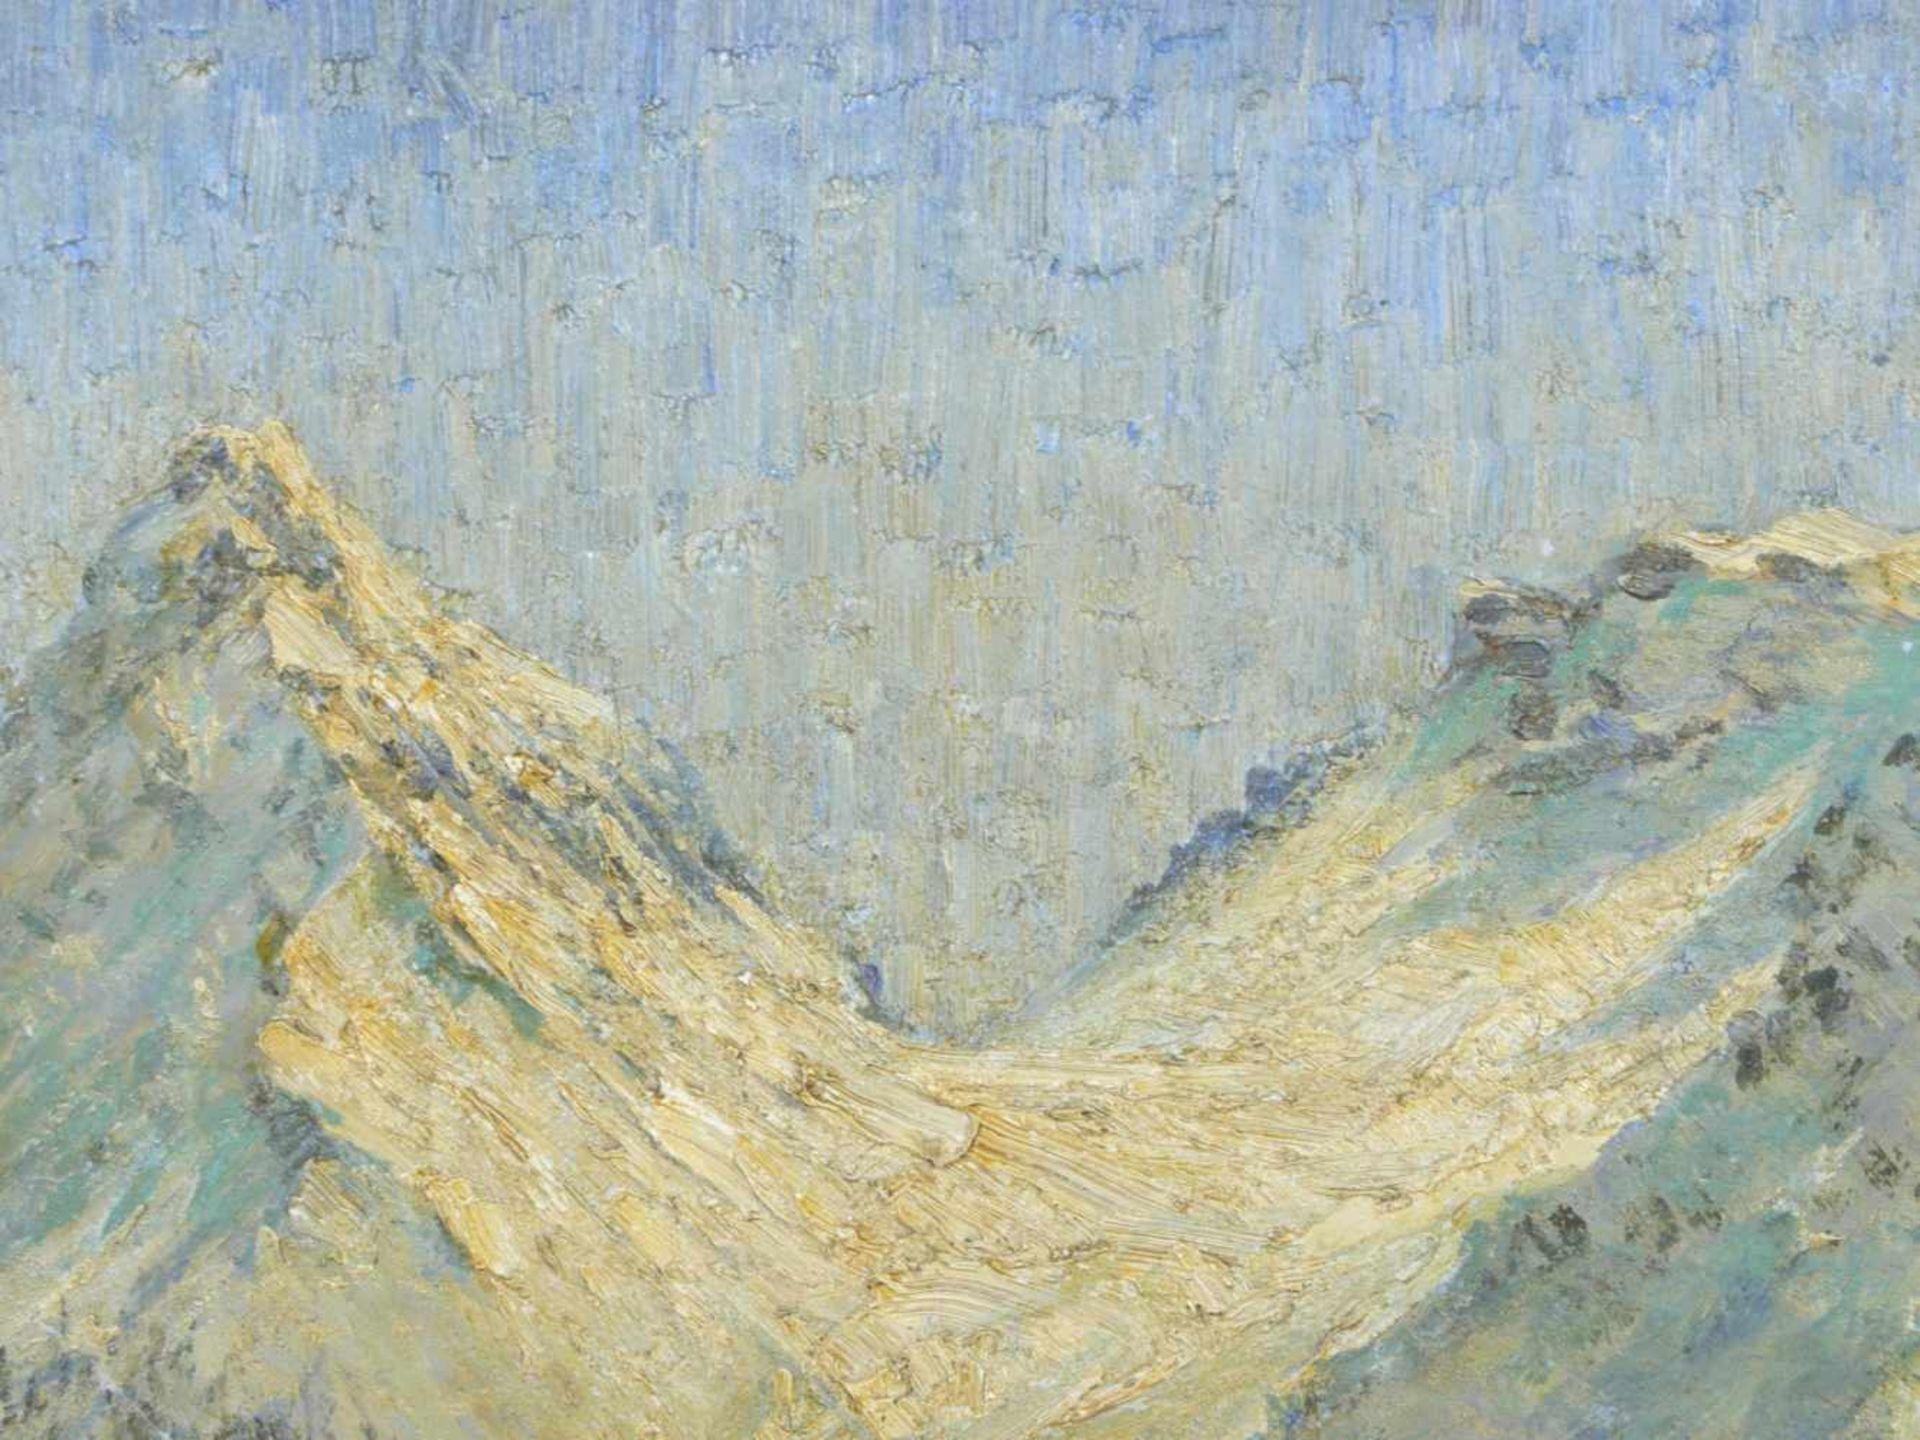 Koch, Michel (1853-1927) - Winterlandschaft Arosa 1915Winterliche Gebirgslandschaft mit idyllisch - Bild 6 aus 6